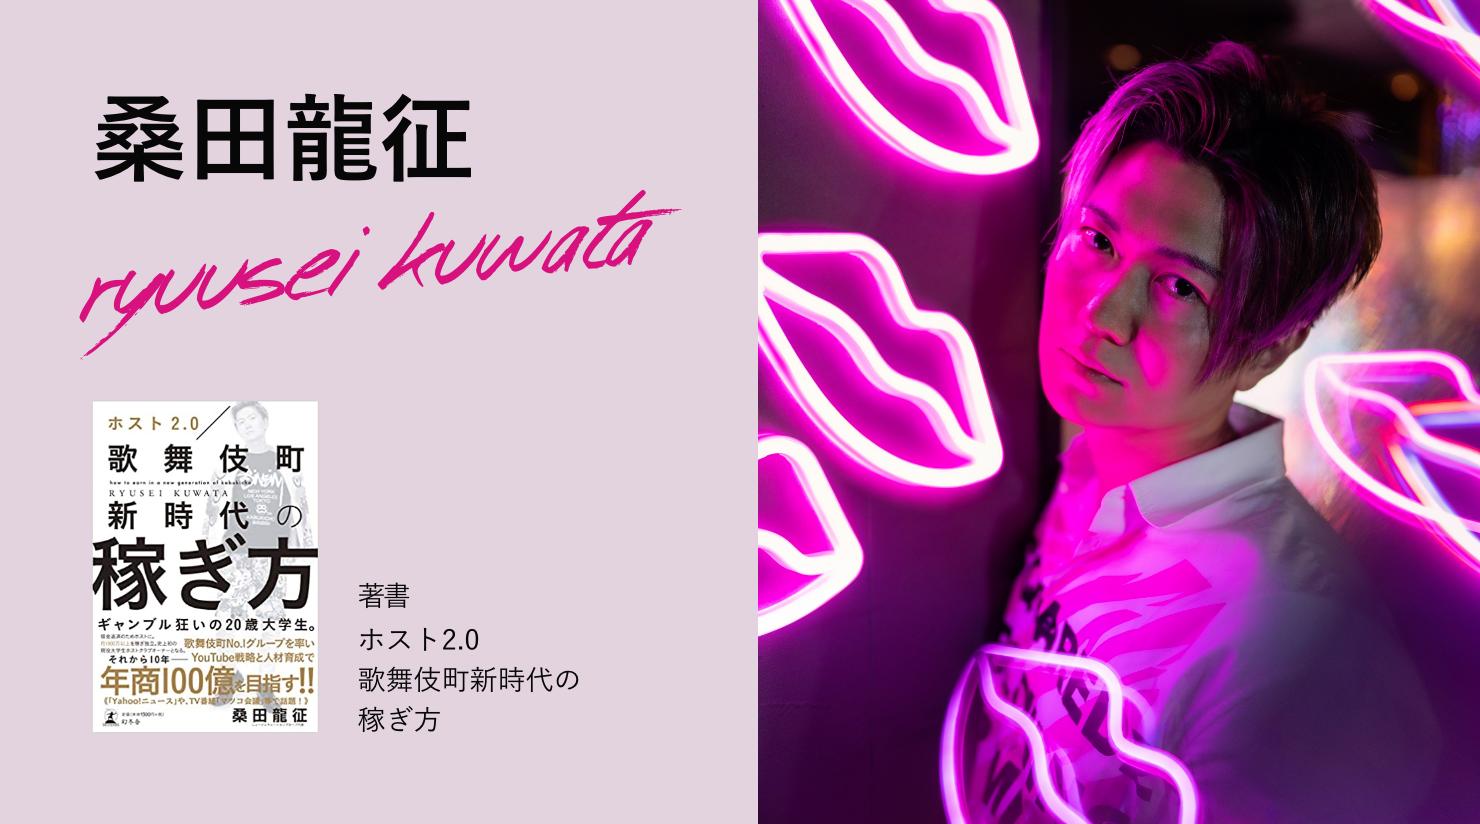 桑田龍征 著書「ホスト2.0 歌舞伎町新時代の稼ぎ方」